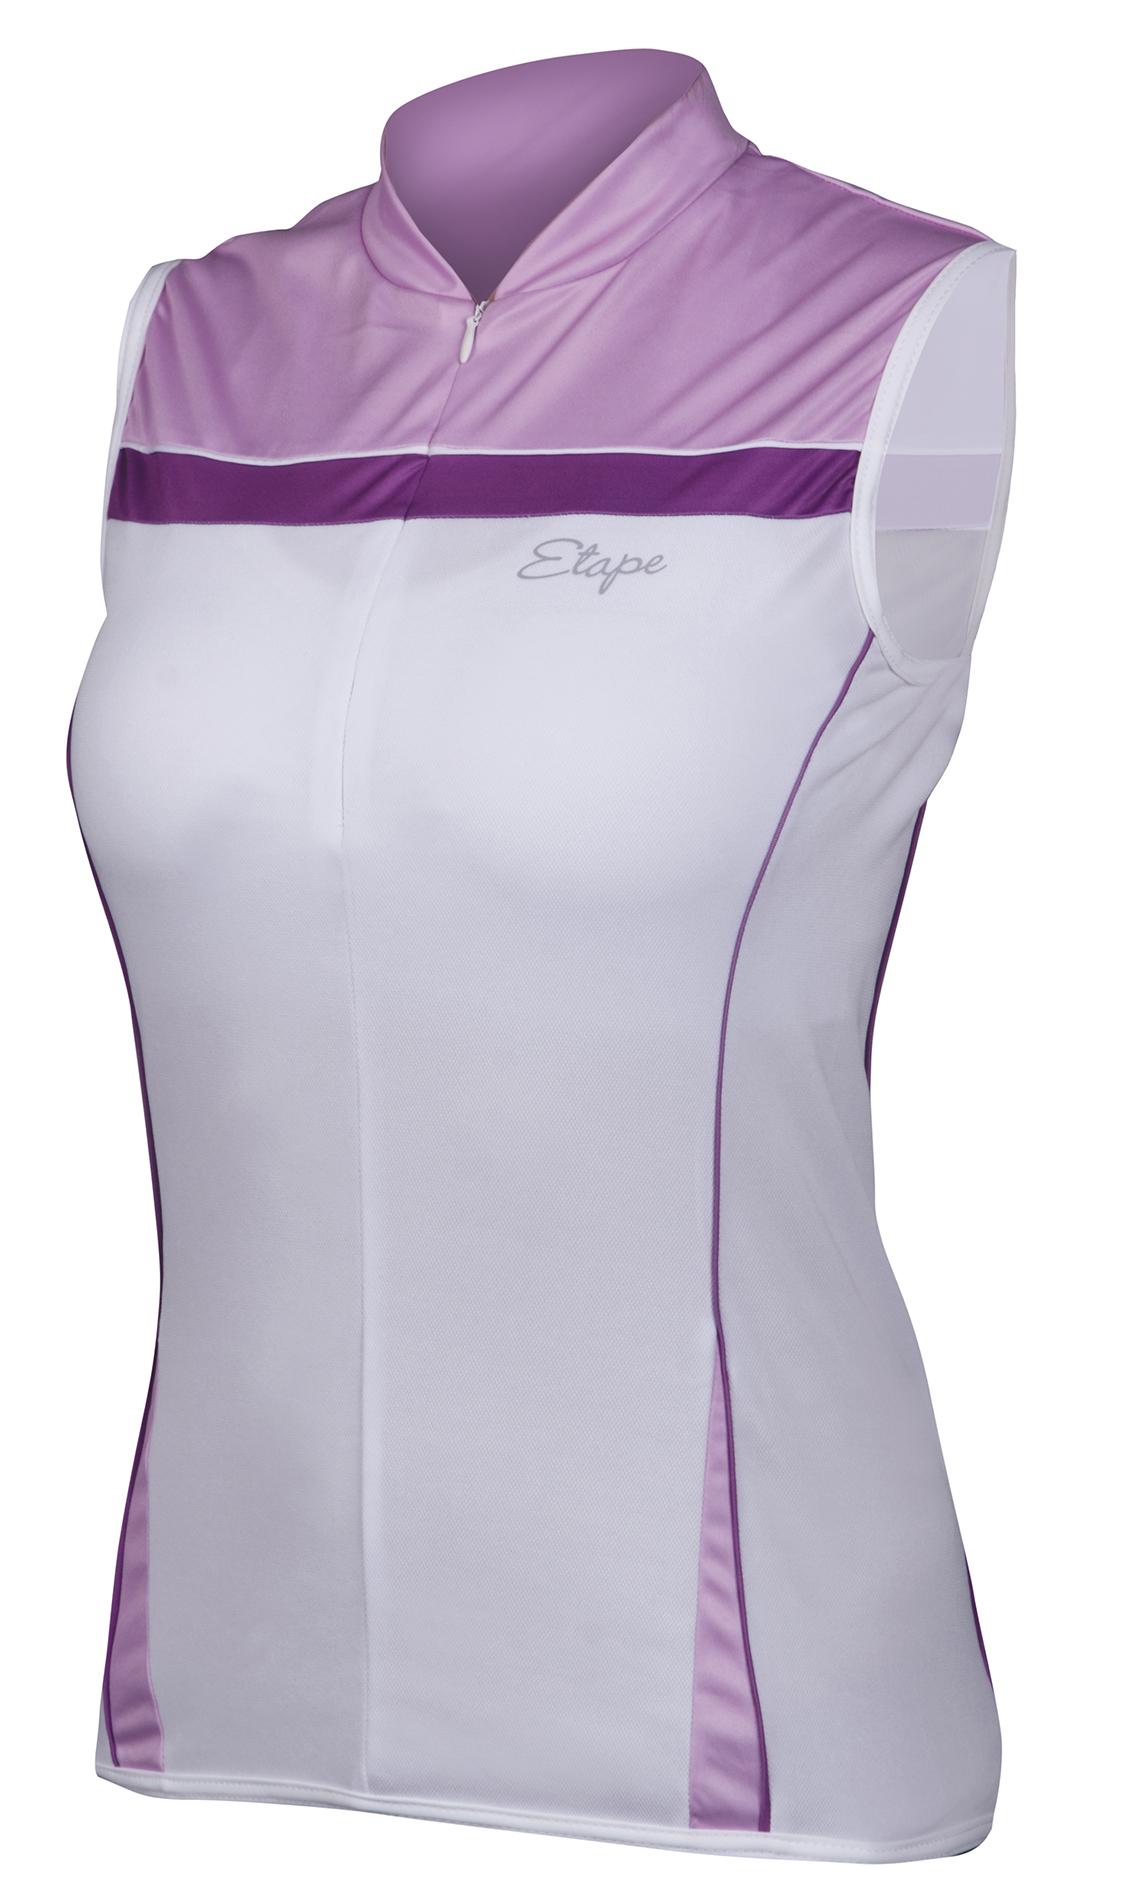 Dámský cyklistický dres ETAPE Roxy, vel. S, bílá/fialová, bez rukávů, model 2017 (Dámský dres Etape, přední skrytý zip, bez rukávů)